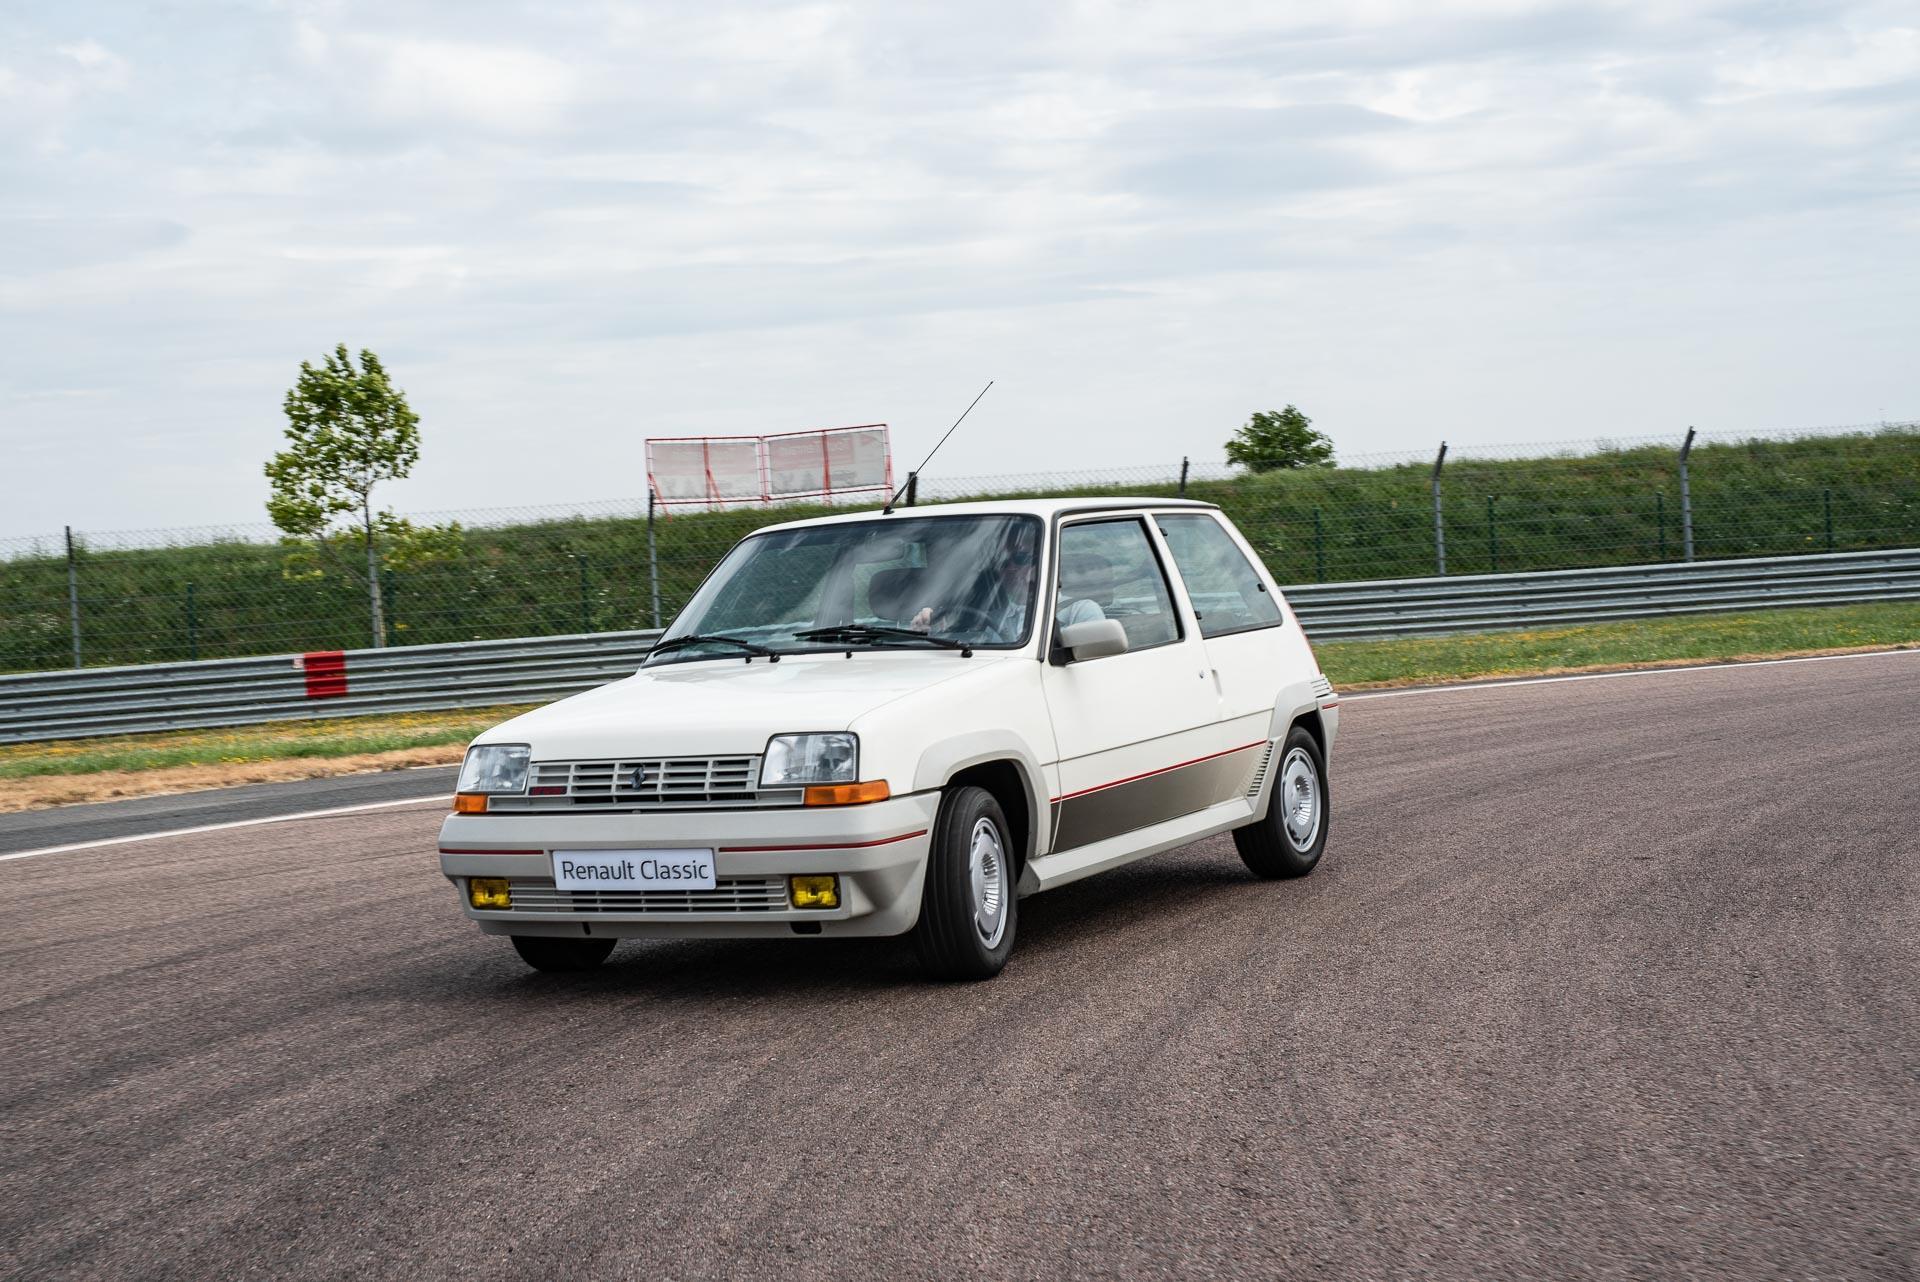 Zeitreise in die 80er: Mit dem Renault R5 GT Turbo